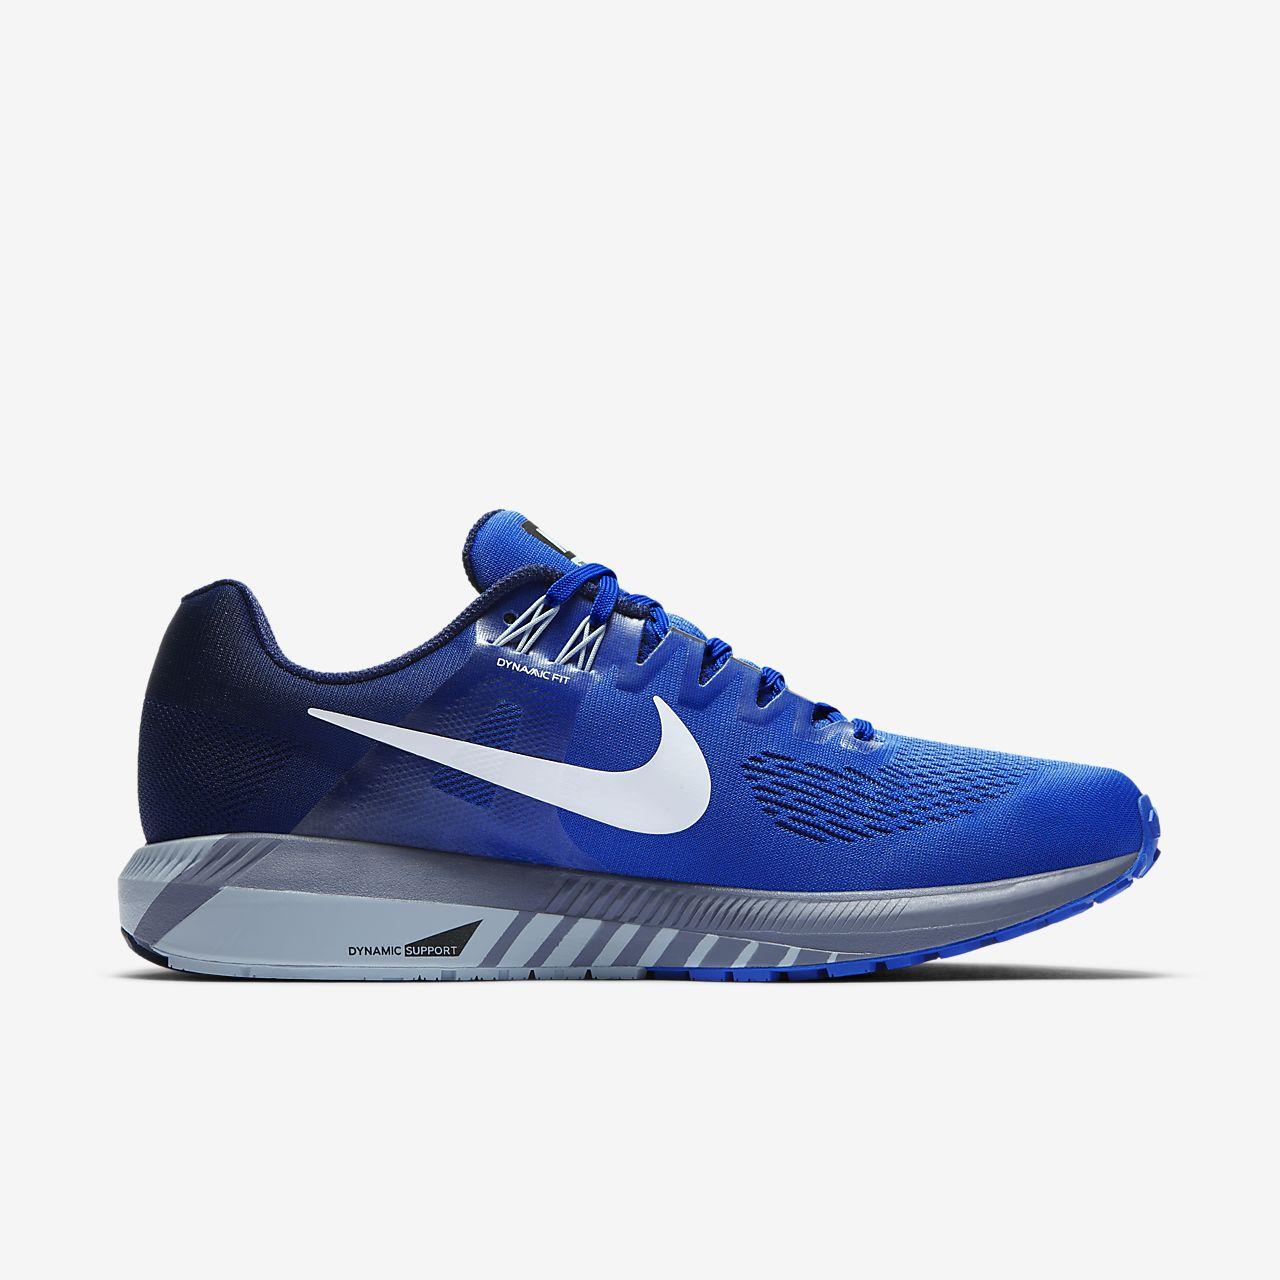 Nike Air Zoom Structure 21, Chaussures de Running Homme, Bleu (Bleu Méga/Bleu Binaire/Bleu Arsenal Clair/Blanc), 40 EU